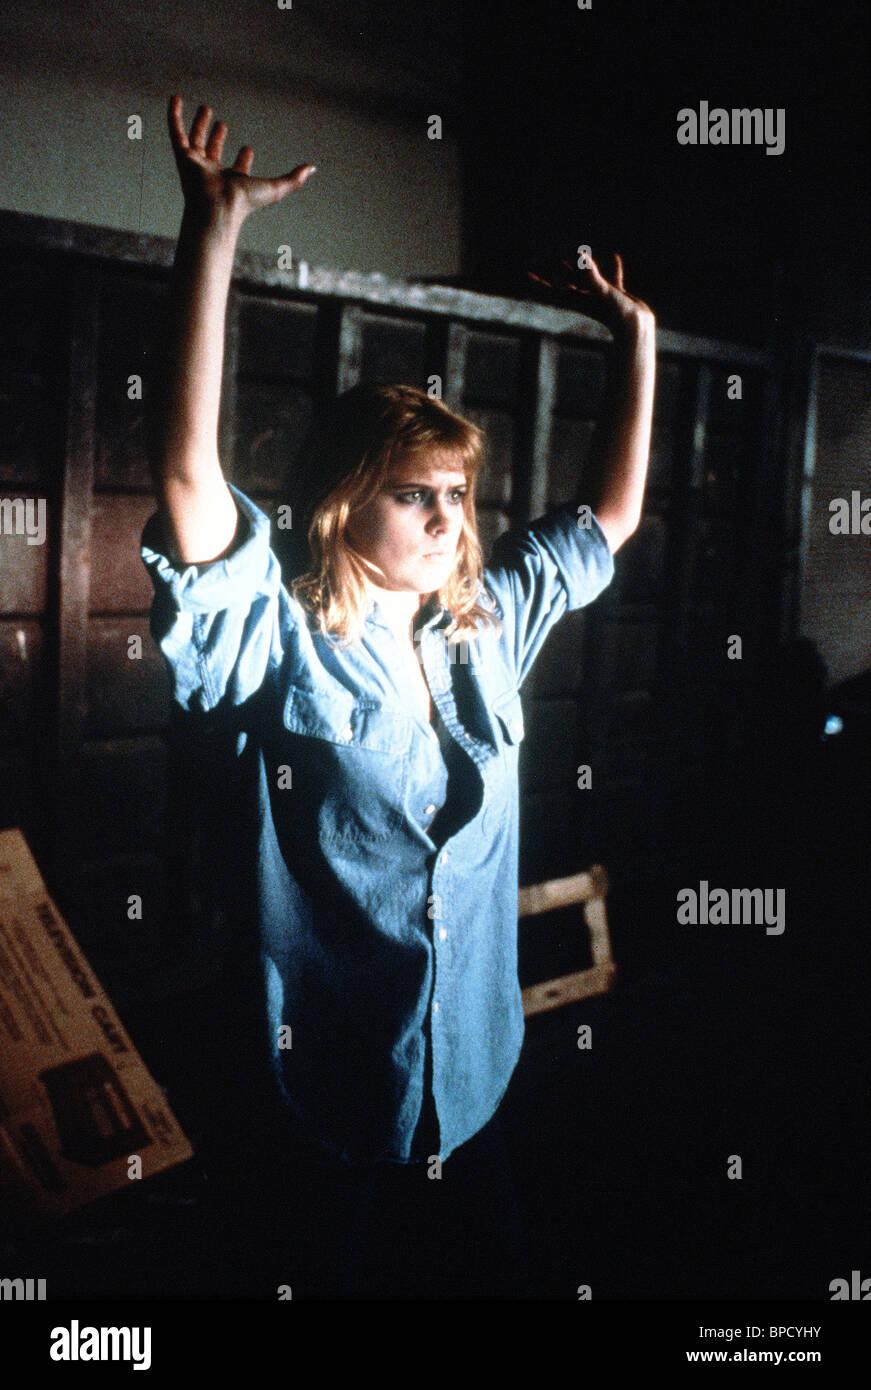 KRISTY SWANSON DEADLY FRIEND (1986) - Stock Image